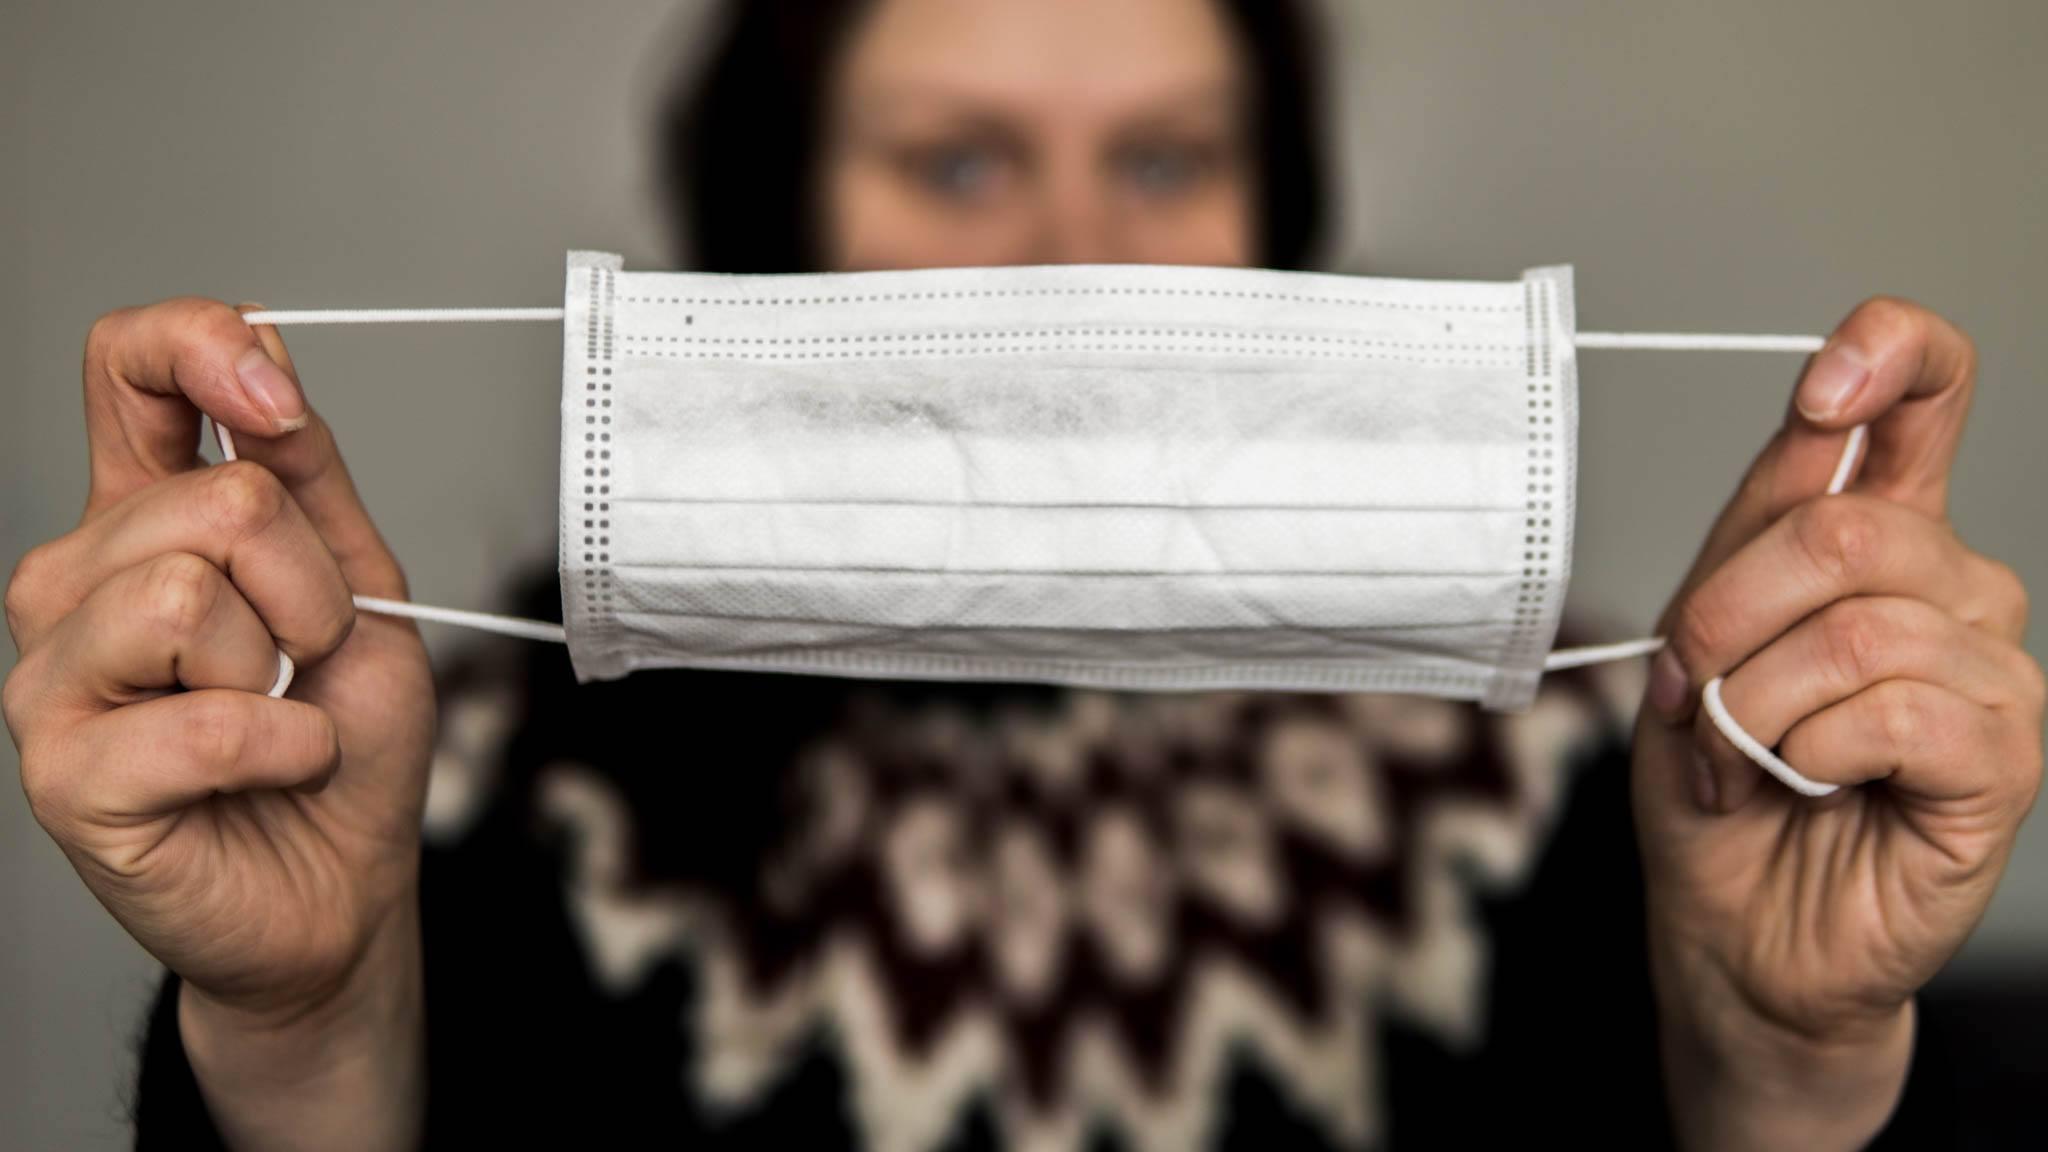 Życie w czasach koronawirusa: pandemia wirusa SARS-CoV-2, a turystyka na Islandii